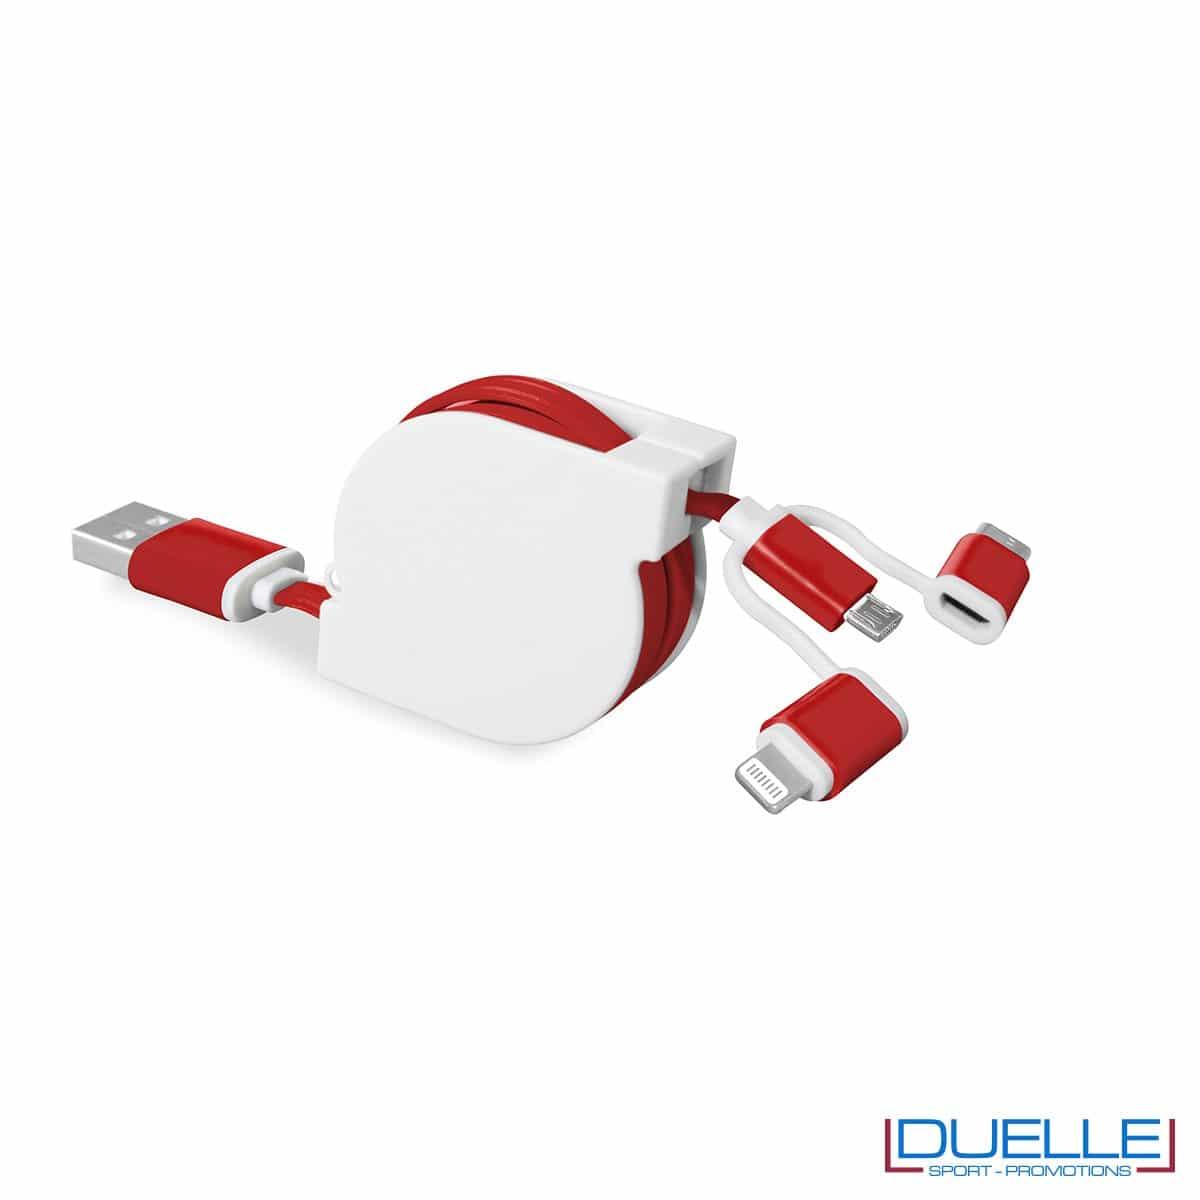 Cavo adattatore 3 in 1 personalizzabile colore rosso